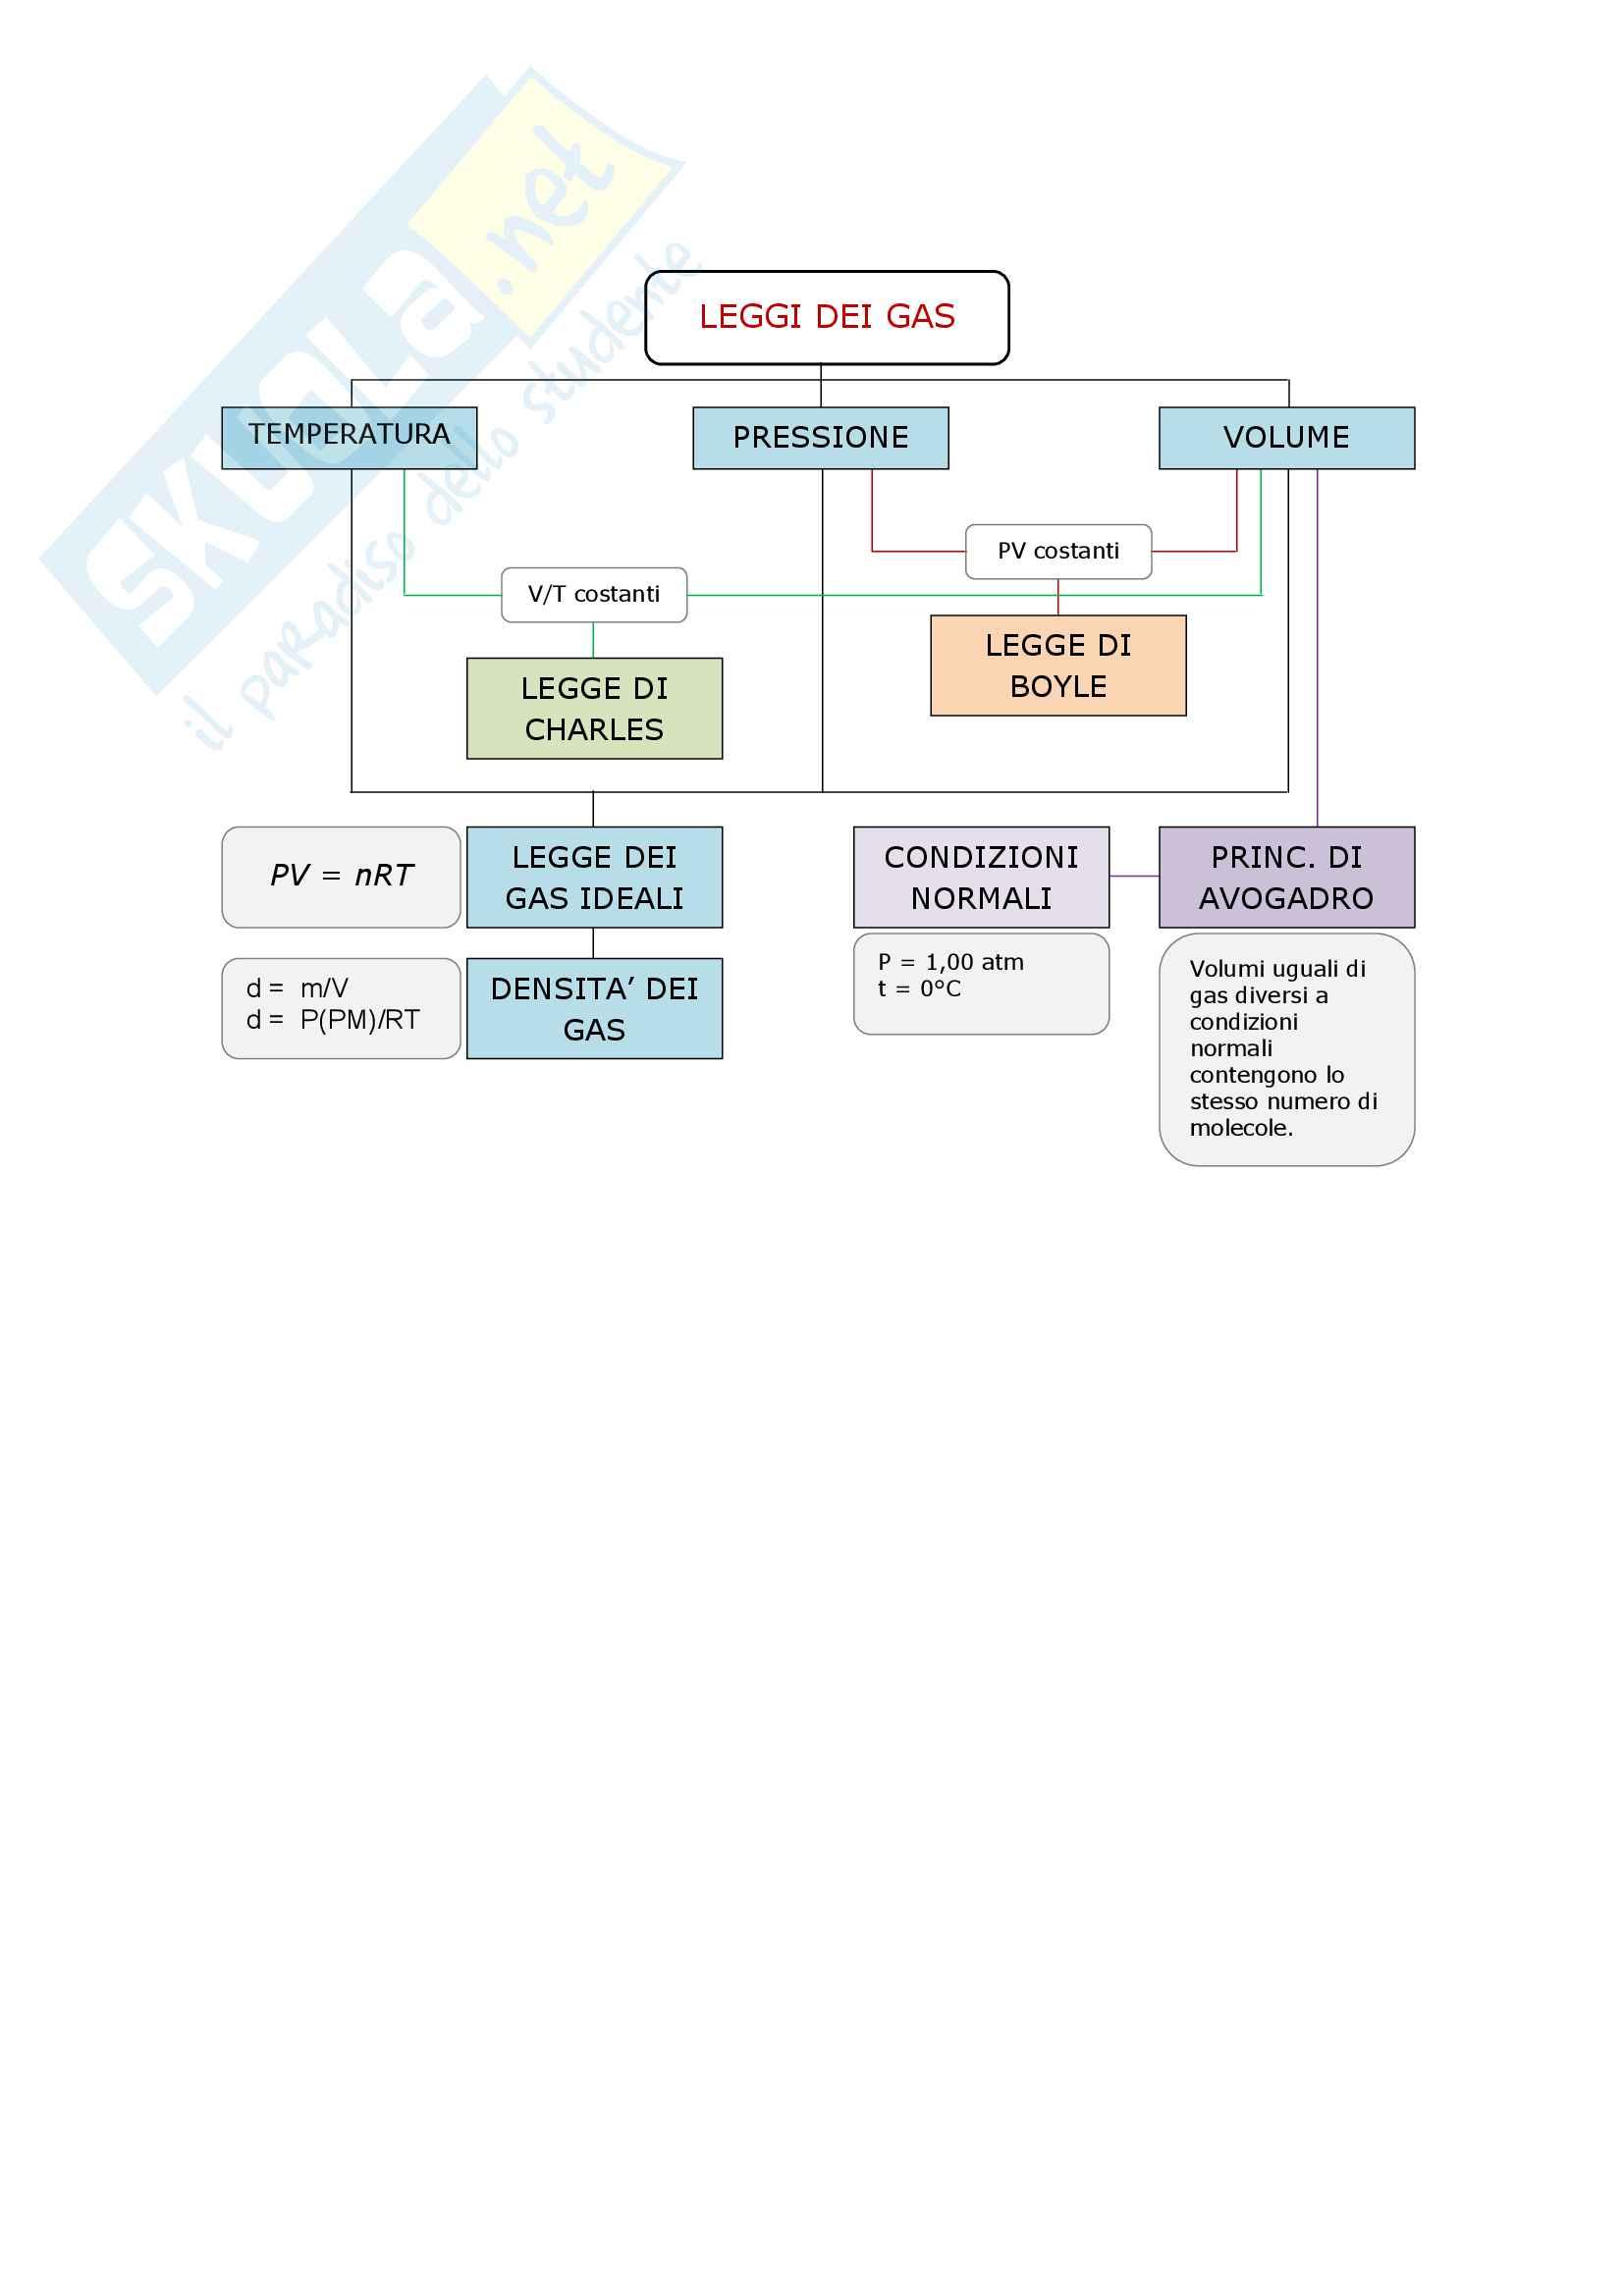 Leggi dei gas - mappa concettuale Chimica